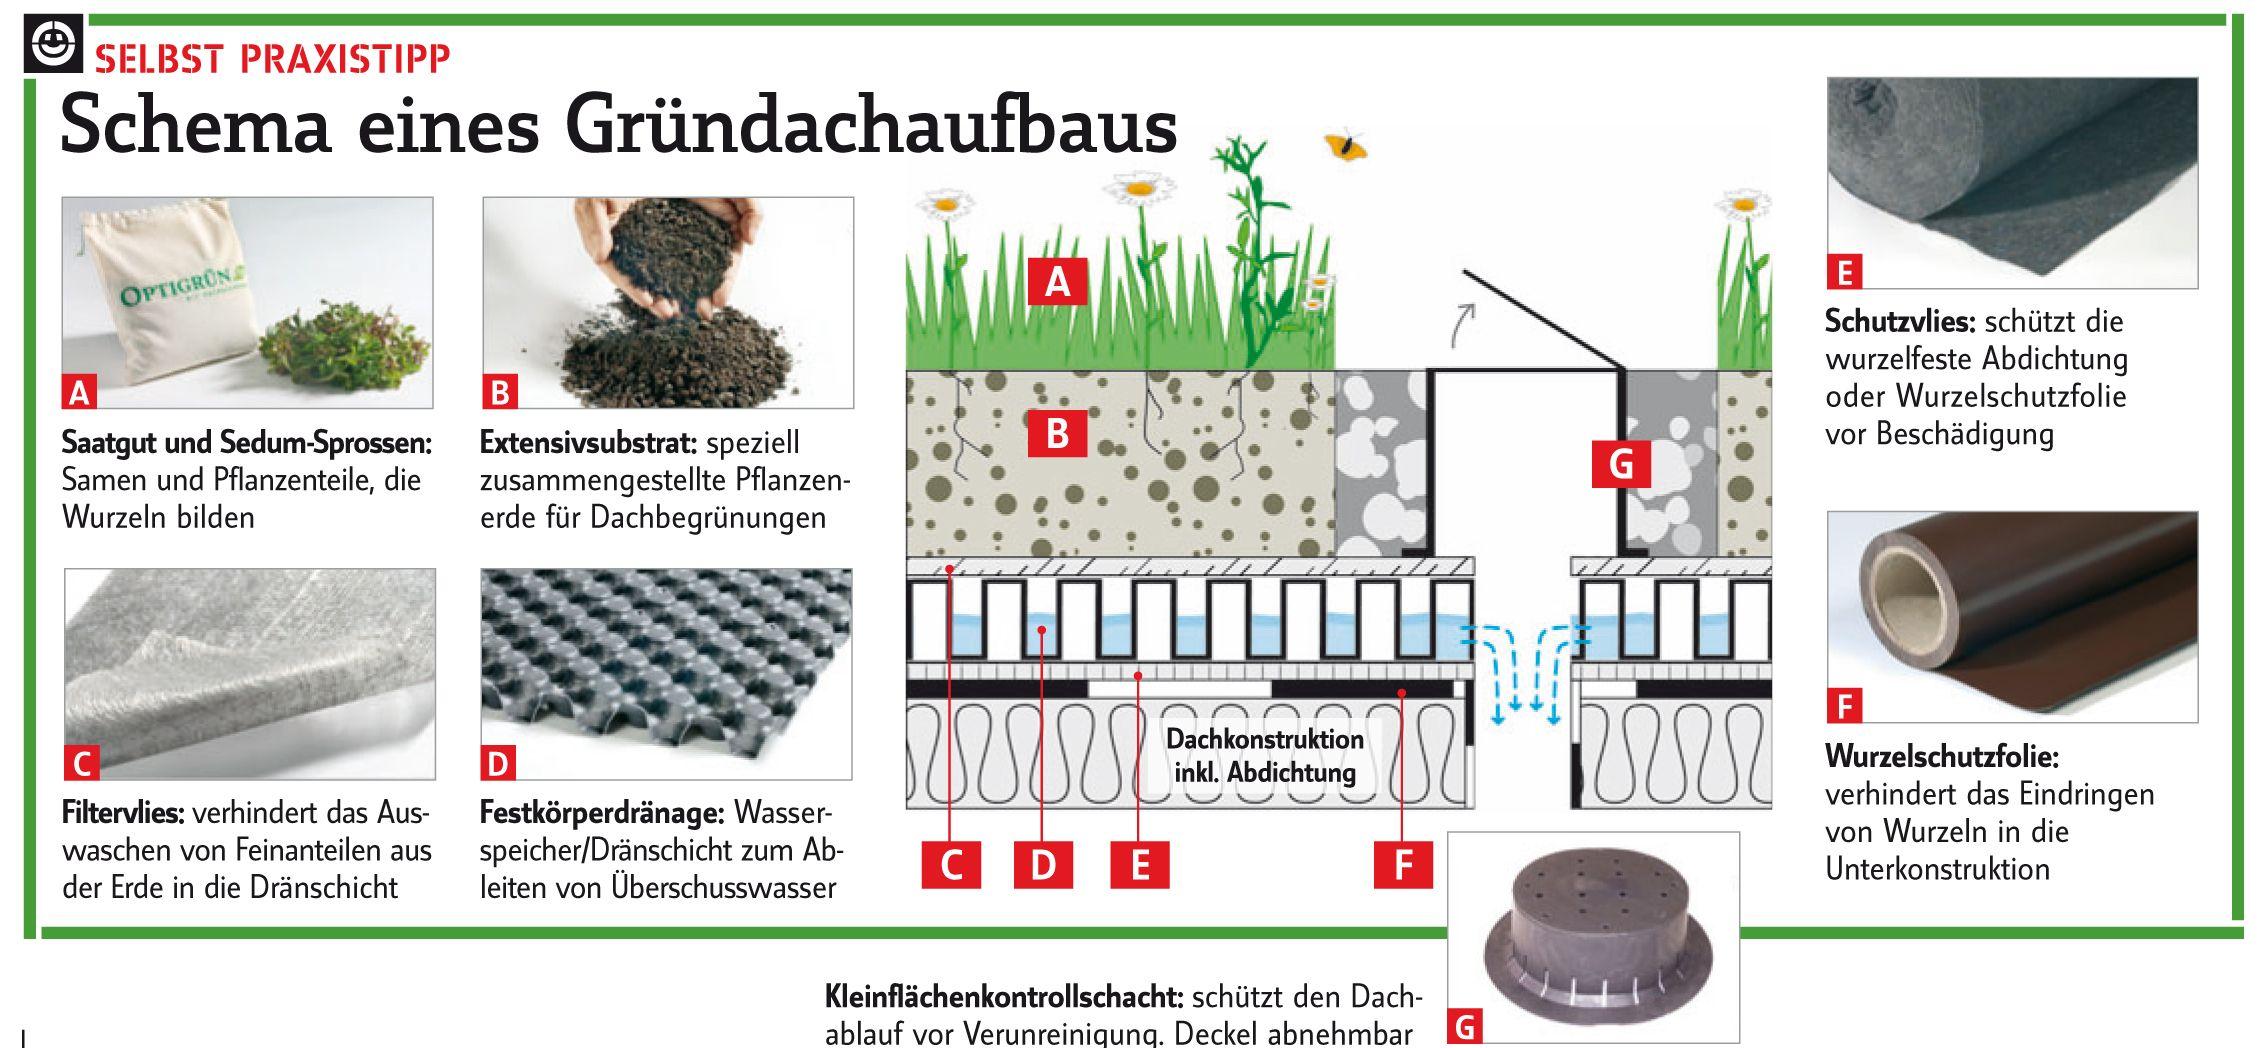 gartenhaus mit gründach selber bauen | ihrer umgebu gründächer